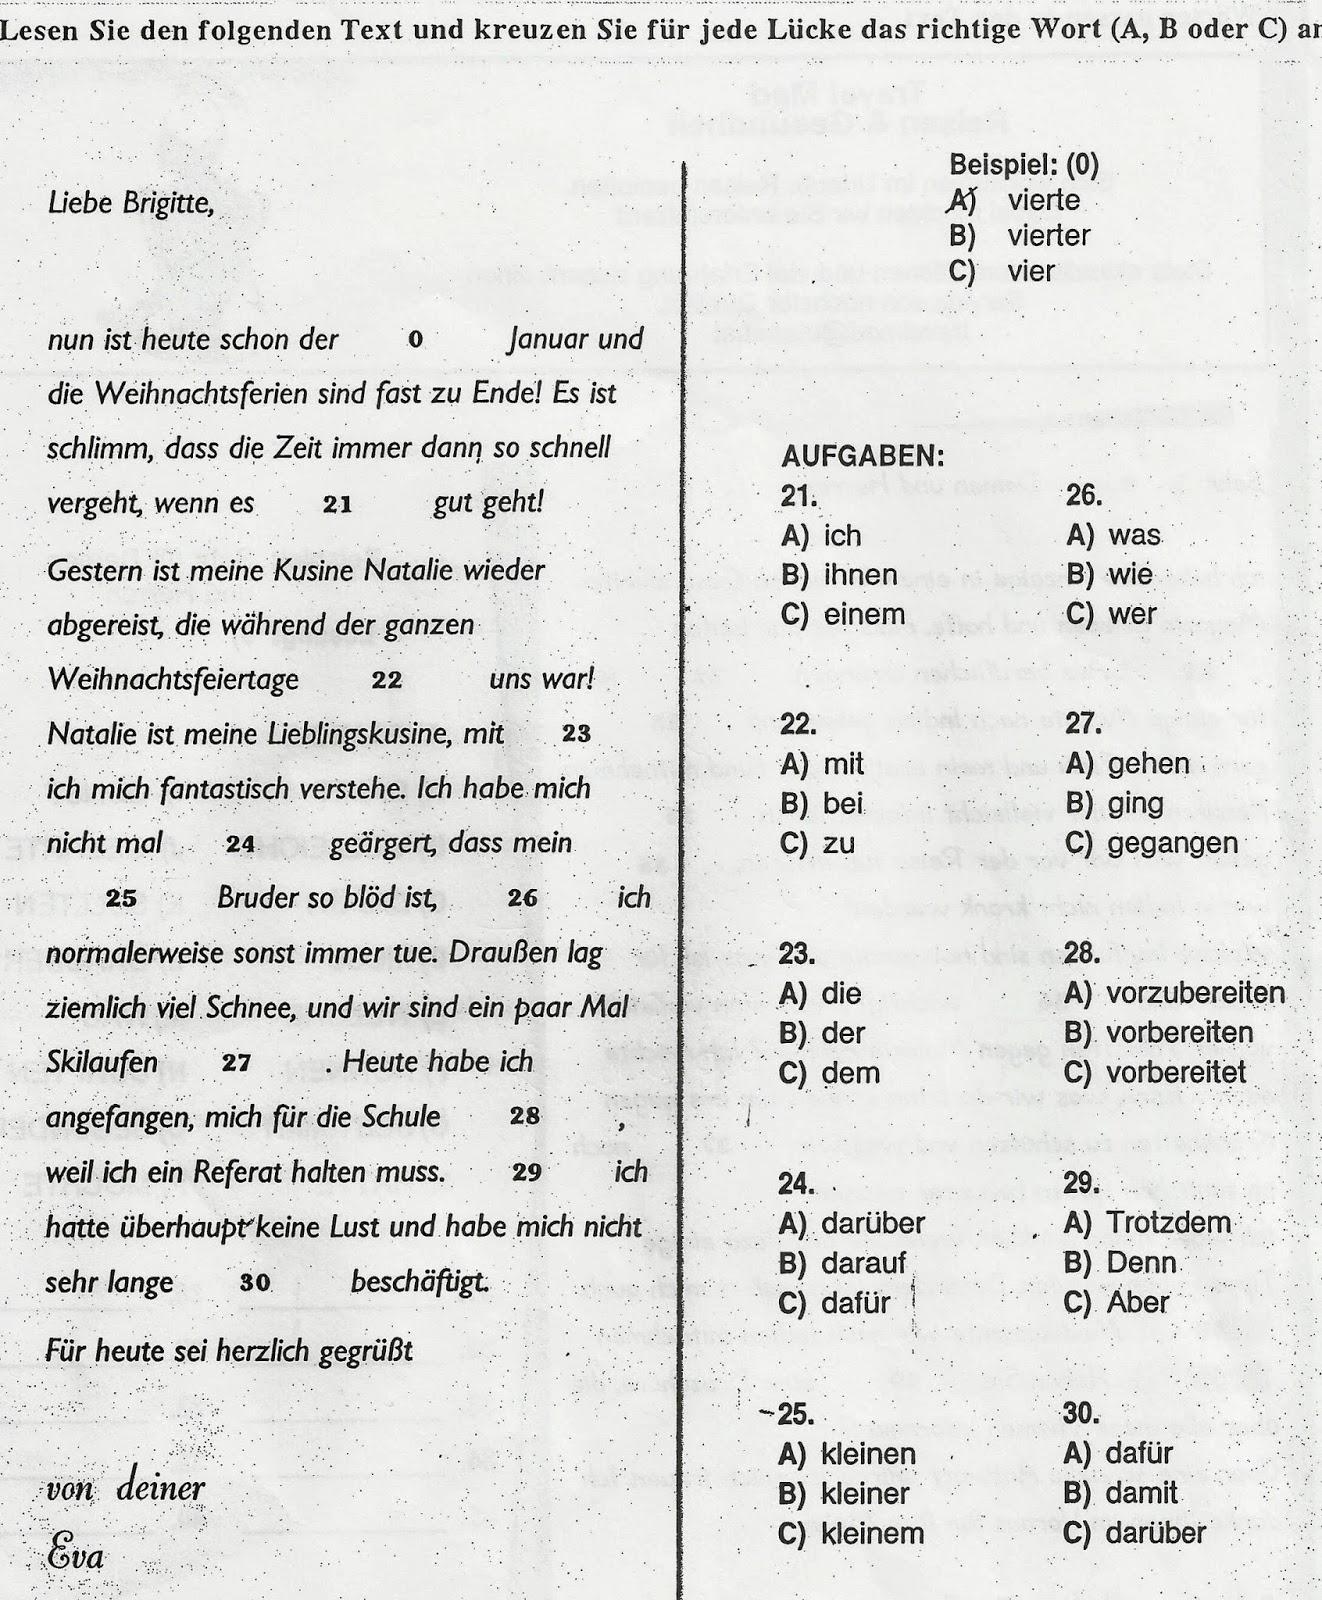 Home Deutsch lernen Grammatik: Präpositionen william hill deal or no deal mit williamhill mobile live-streaming williamhill gratis startguthaben Dativ C1 Images ...